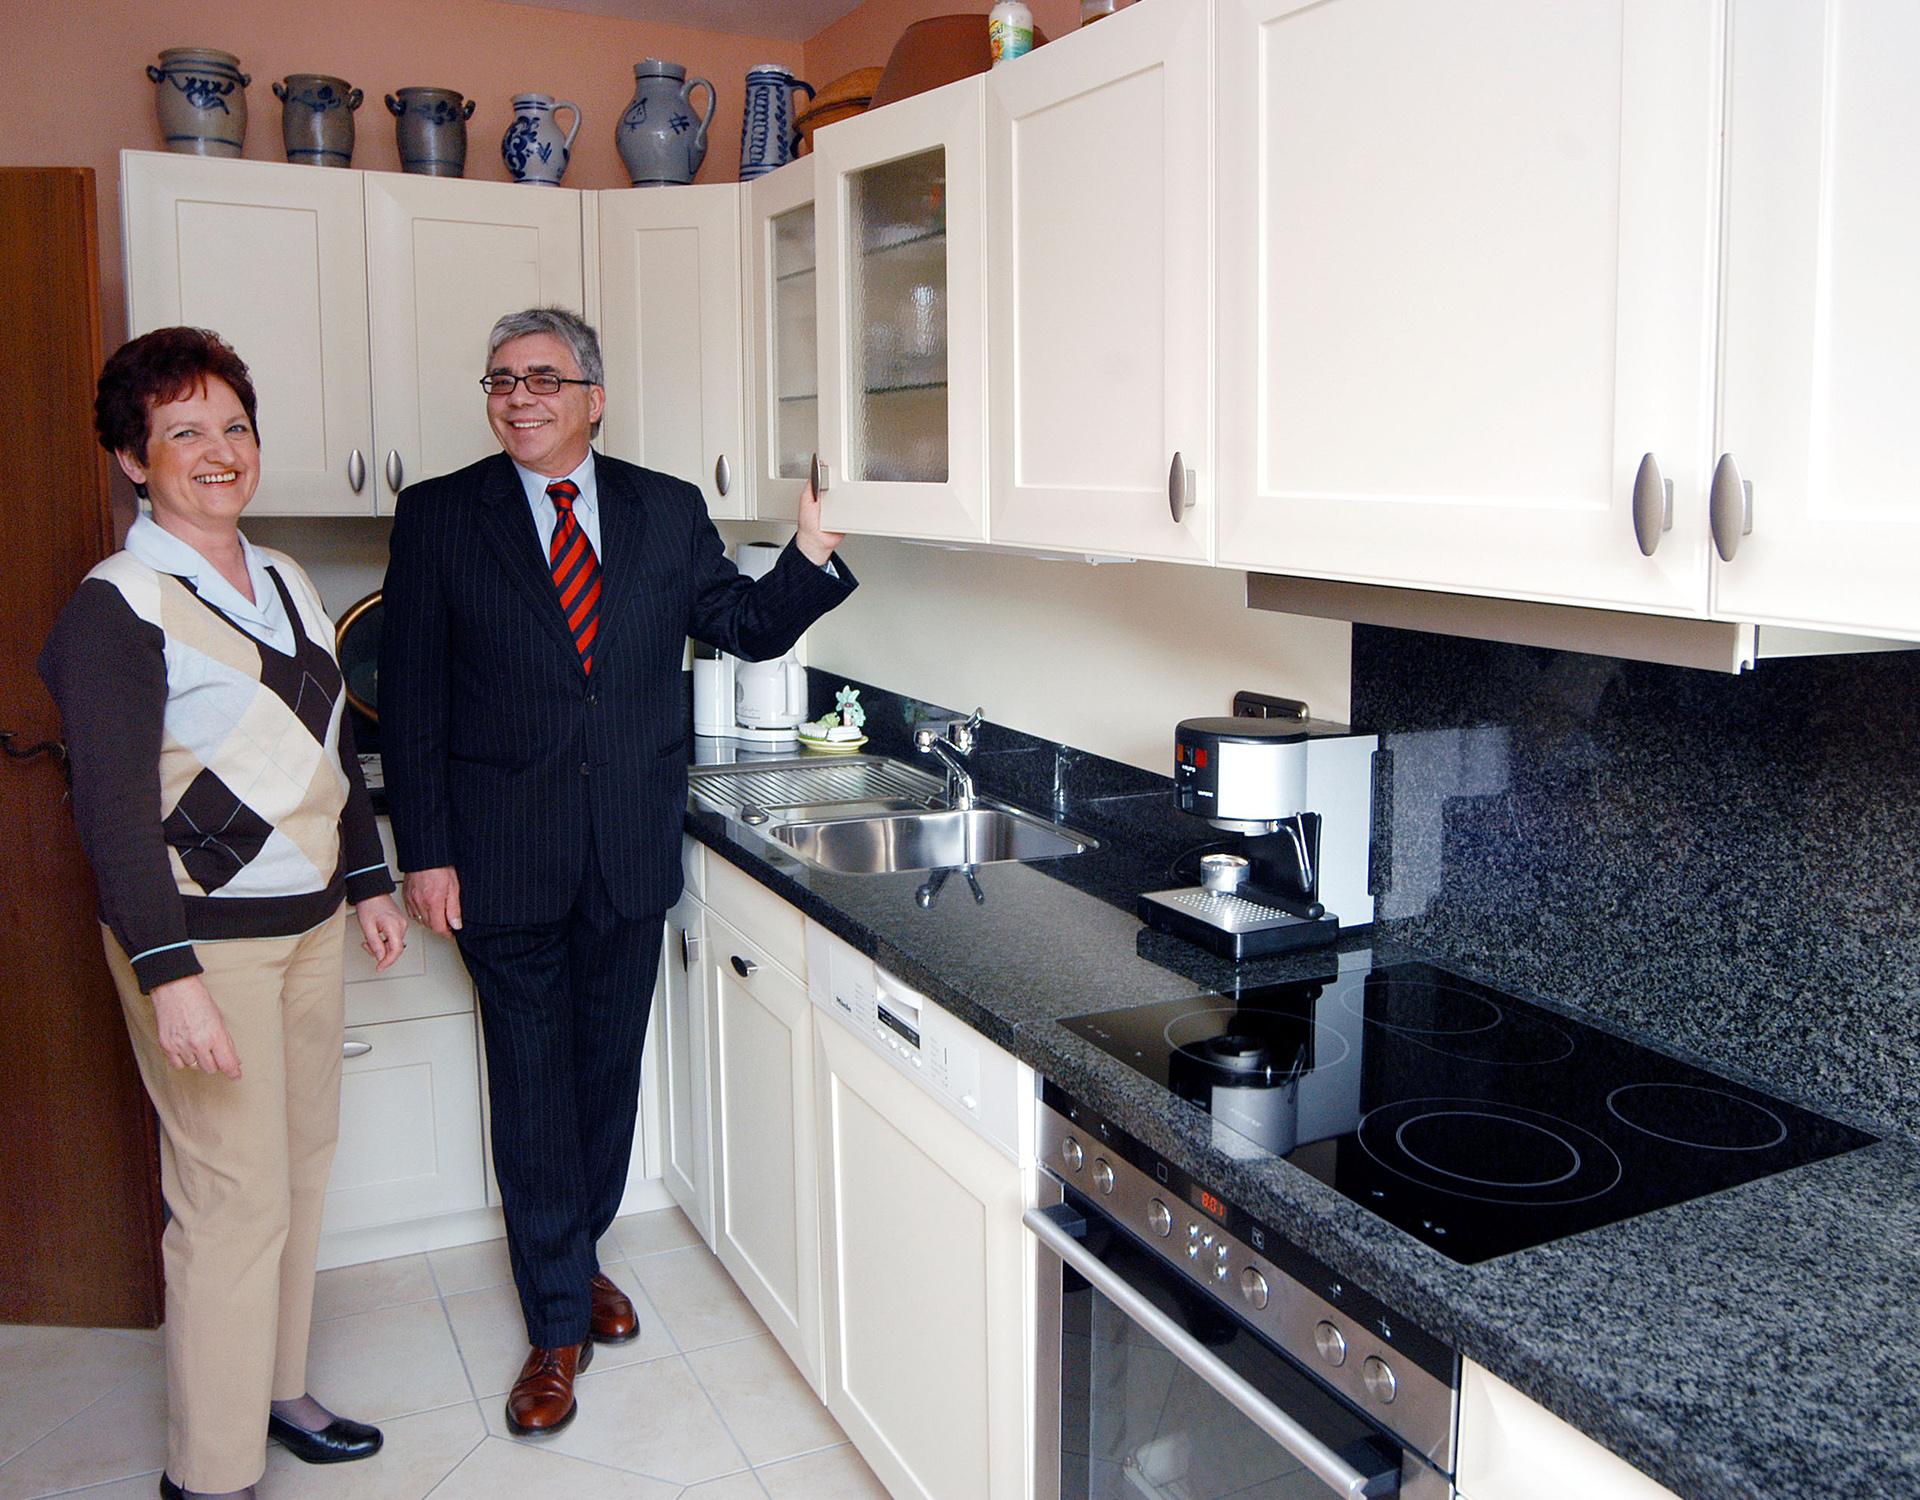 Küchenausstellung von Küchen-Treff Dammbacher